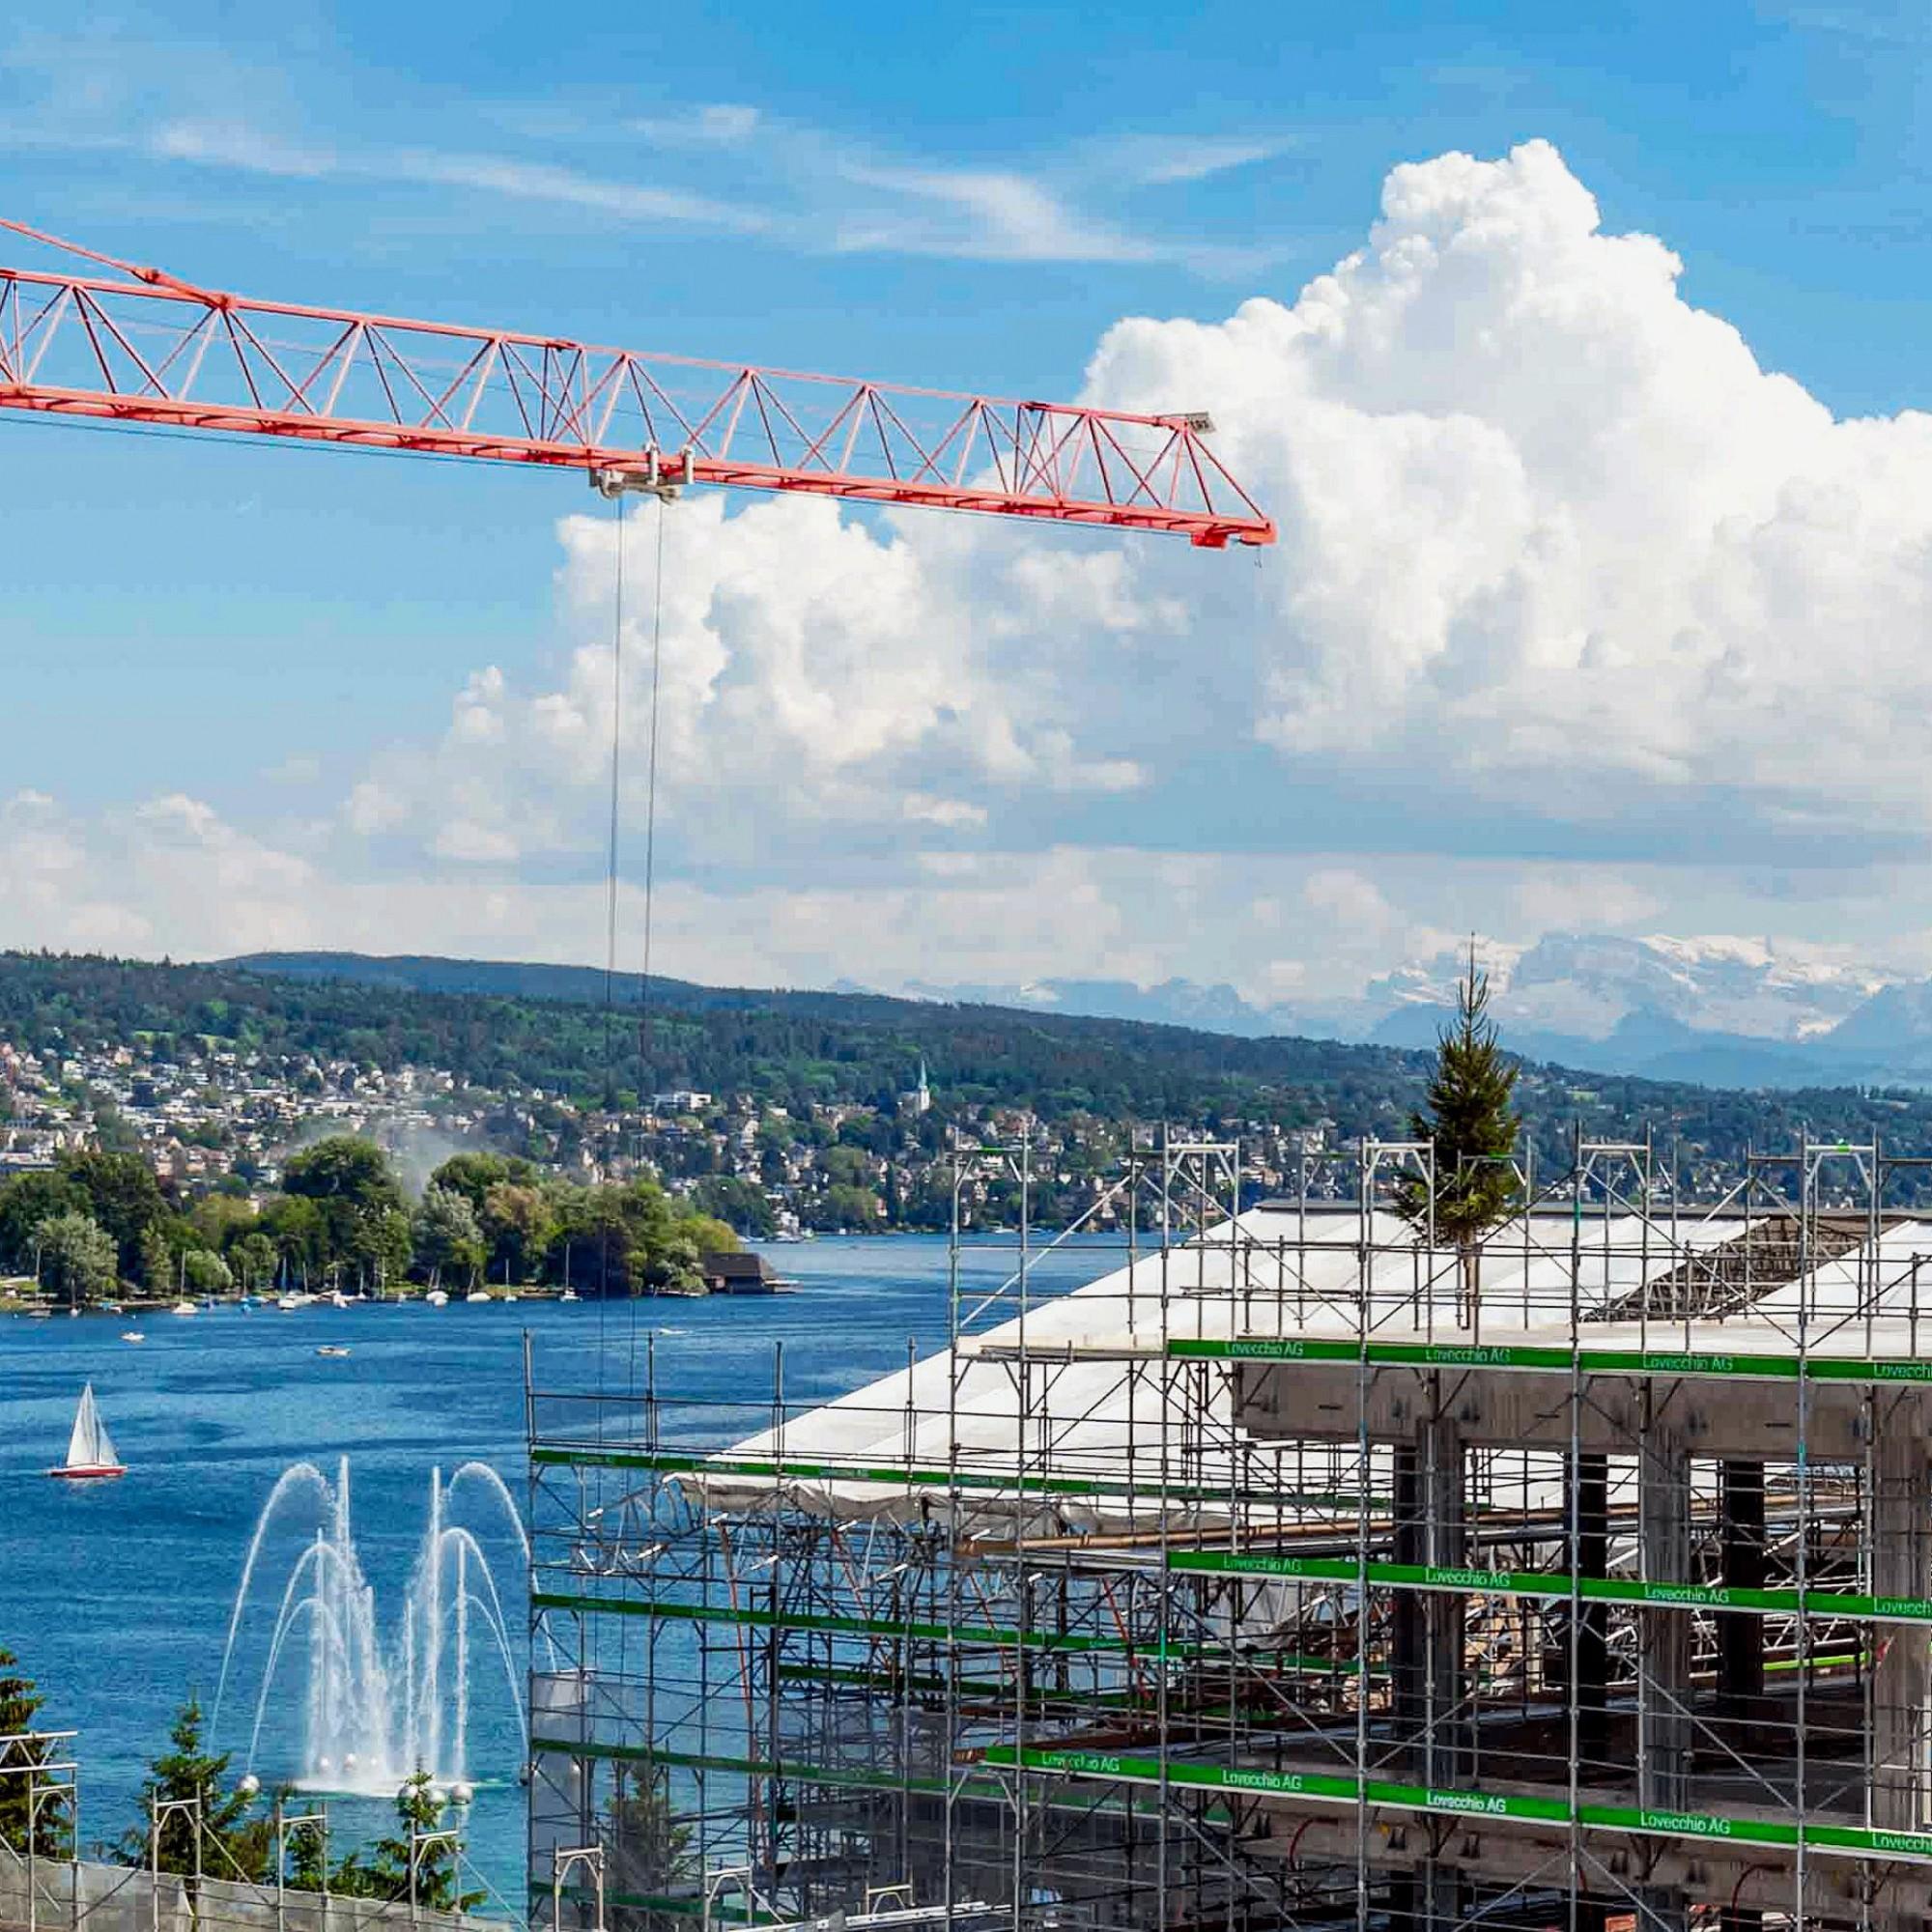 Blick auf die Alpen, die Goldküste, den Zürichsee samt Fontäne und das Tannenbäumchen vom Aufrichte-Fest: Der Hauptsitz der Zürich Versicherungs-Gesellschaft AG am Mythenquai liegt ebenso verkehrsgünstig wie idyllisch und wird in Zukunft Arbeitsplätze von